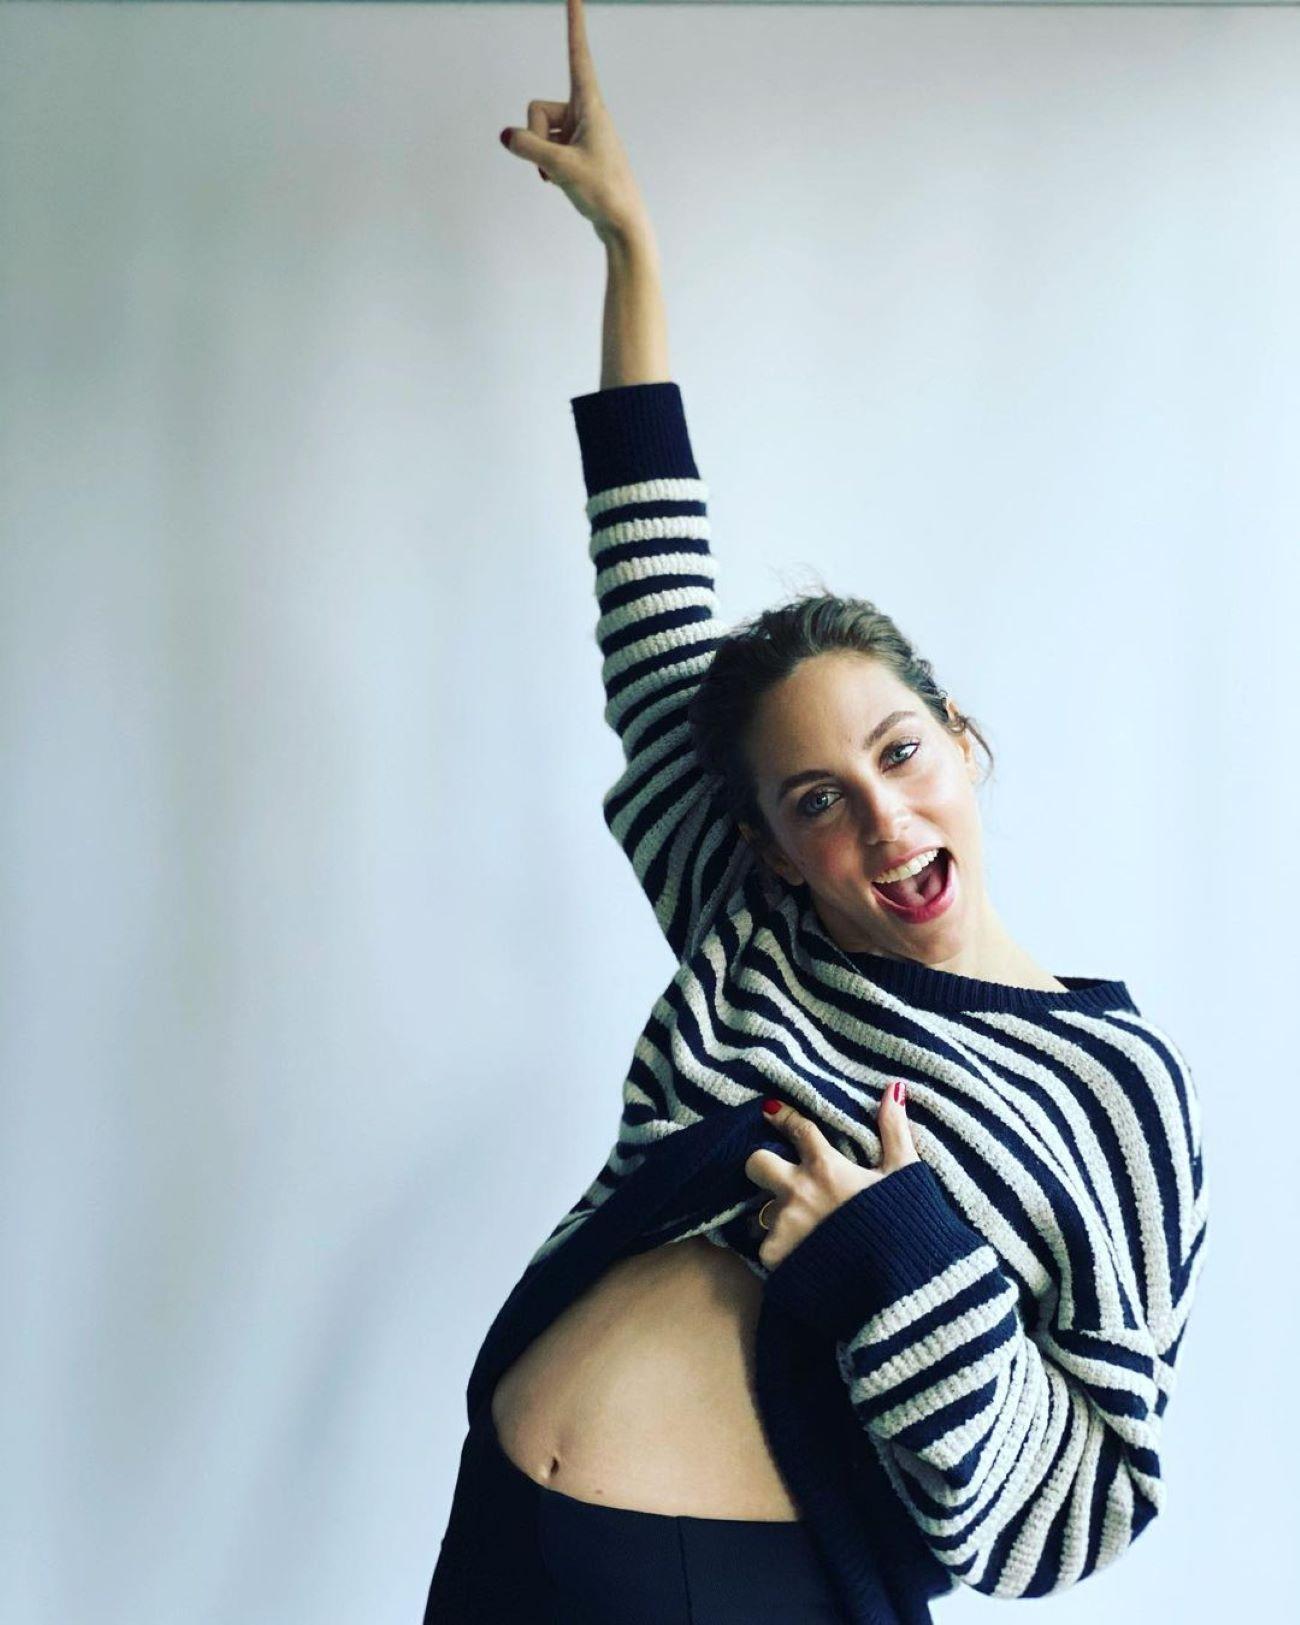 La actriz Öykü Karayel espera su primer hijo para primavera